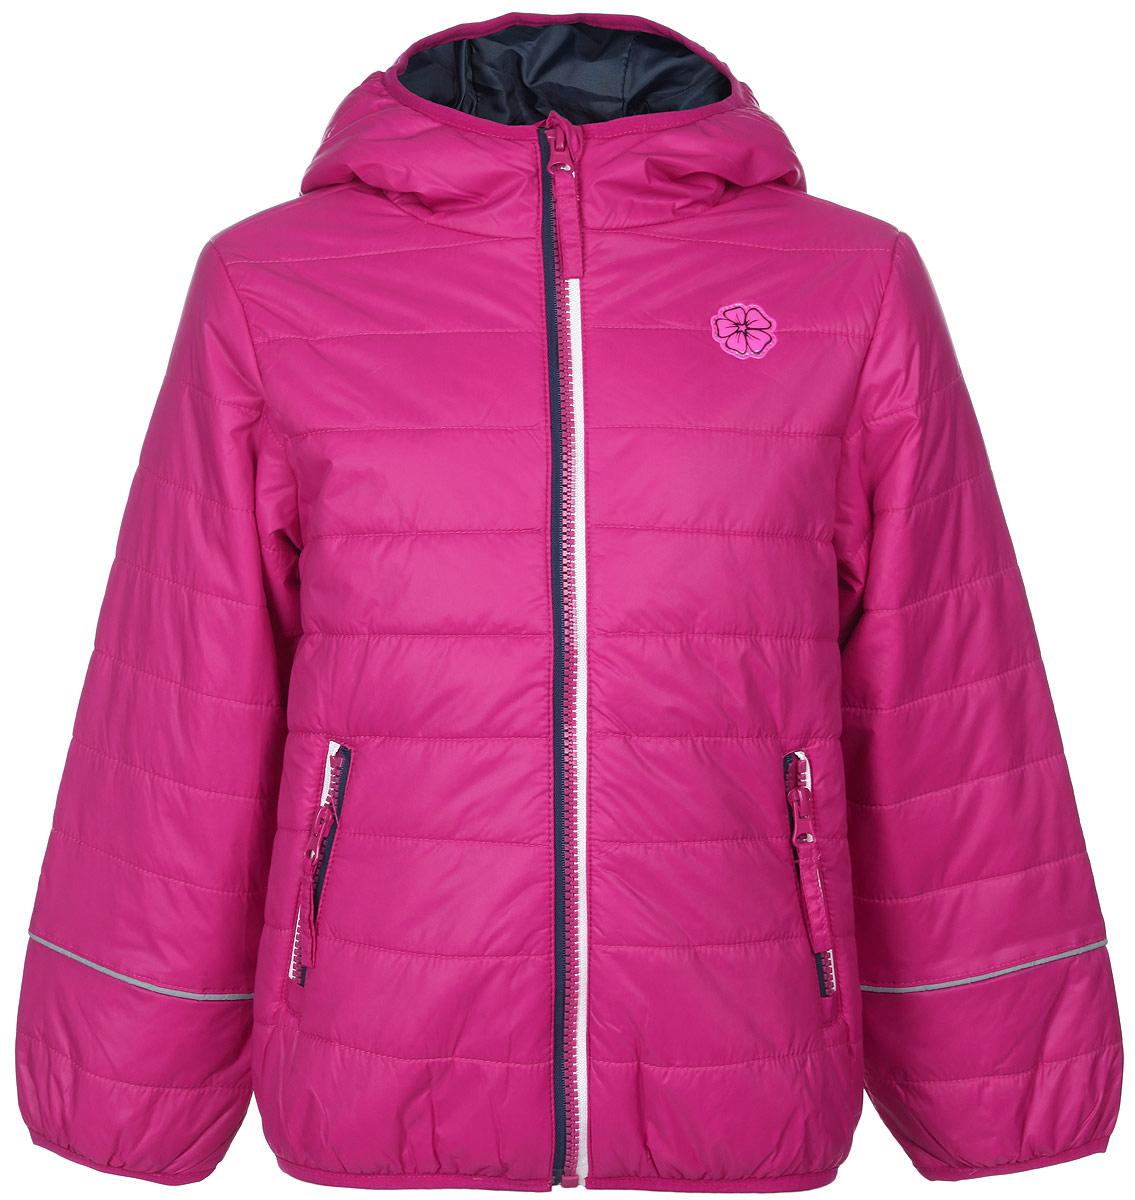 КурткаCp-526/615-6102Яркая куртка для девочки Sela идеально подойдет вашему ребенку в прохладную погоду. Модель изготовлена из нейлона на подкладке из полиэстера, в качестве утеплителя используется тонкая прослойка синтепона. Благодаря своему составу, куртка очень легкая, максимально удерживает тепло, отлично сохраняет свой внешний вид даже при многократных стирках, быстро сохнет. Куртка с капюшоном застегивается на пластиковую молнию с защитой подбородка и дополнительно имеет внутреннюю ветрозащитную планку. Капюшон не отстегивается, дополнен по краю скрытой эластичной резинкой. Спереди предусмотрены два прорезных кармана на застежках-молниях. По краям рукавов и по низу изделия проходит эластичная резинка. Куртка дополнена светоотражающими элементами для безопасности ребенка в темное время суток. Спереди модель украшена яркой нашивкой в виде цветка. Легкая, комфортная и теплая куртка идеально подойдет для прогулок и игр на свежем воздухе!